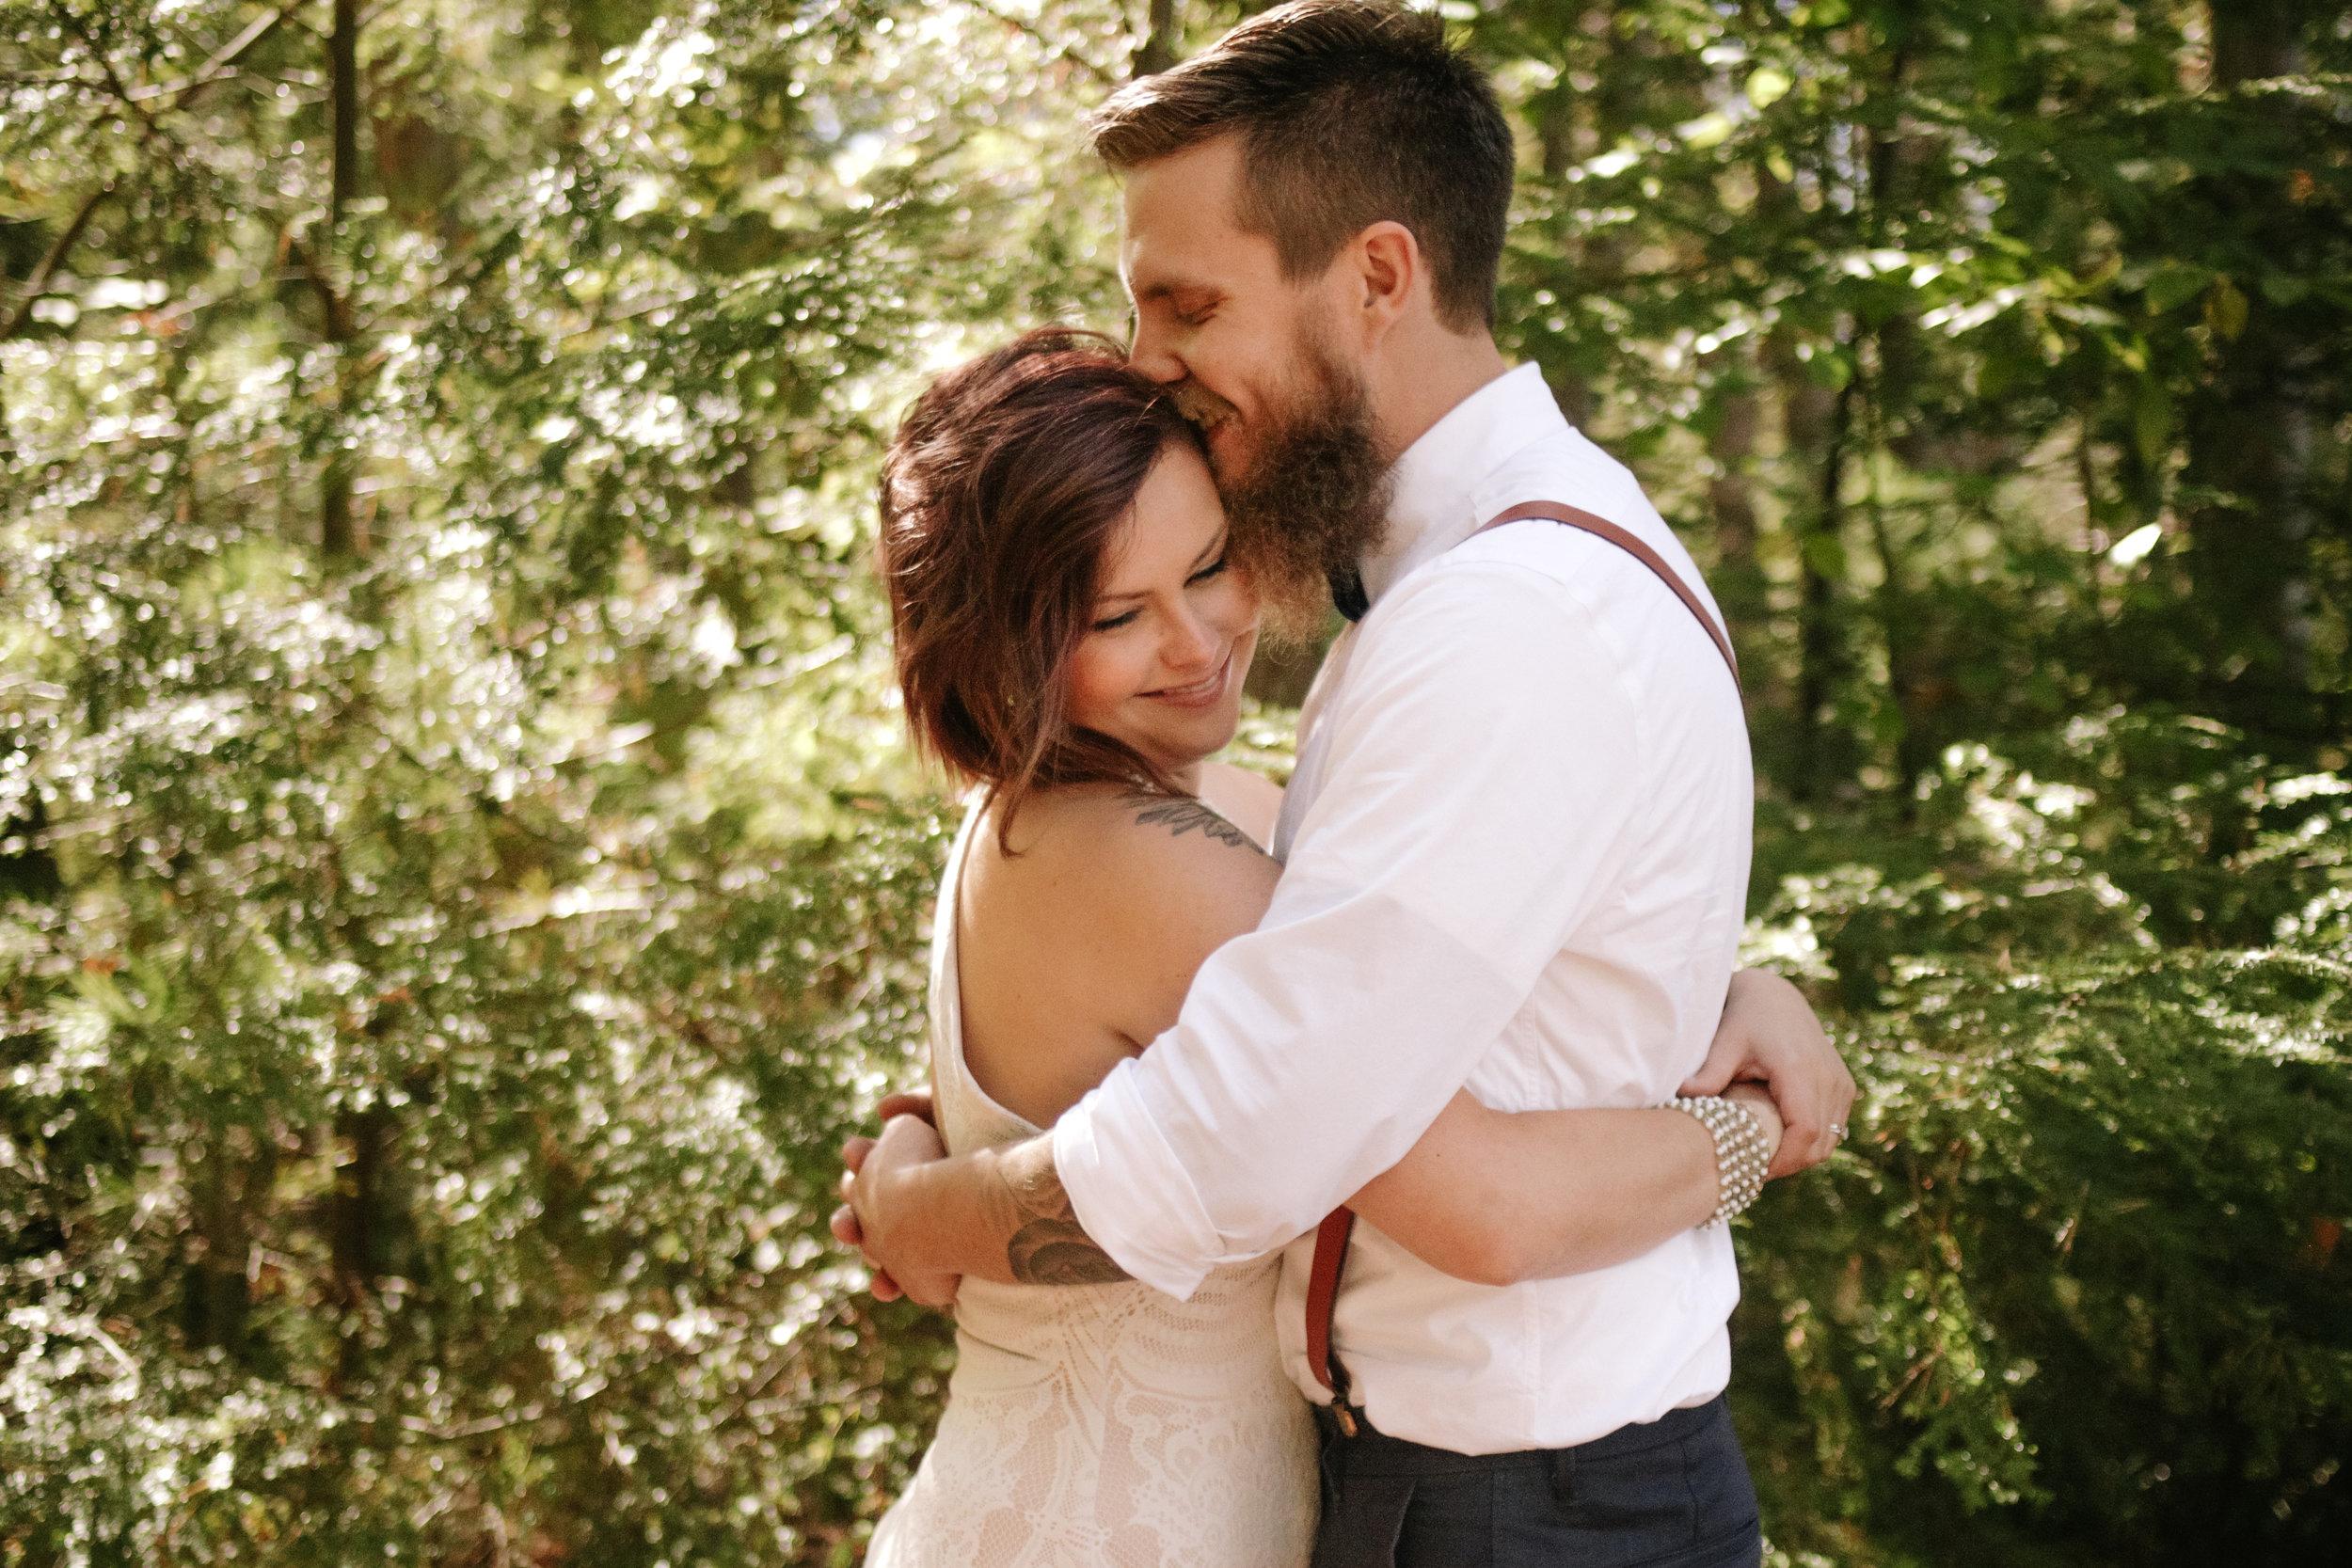 Kacie & Zack Wedding in the Woods-5373 copy.jpg